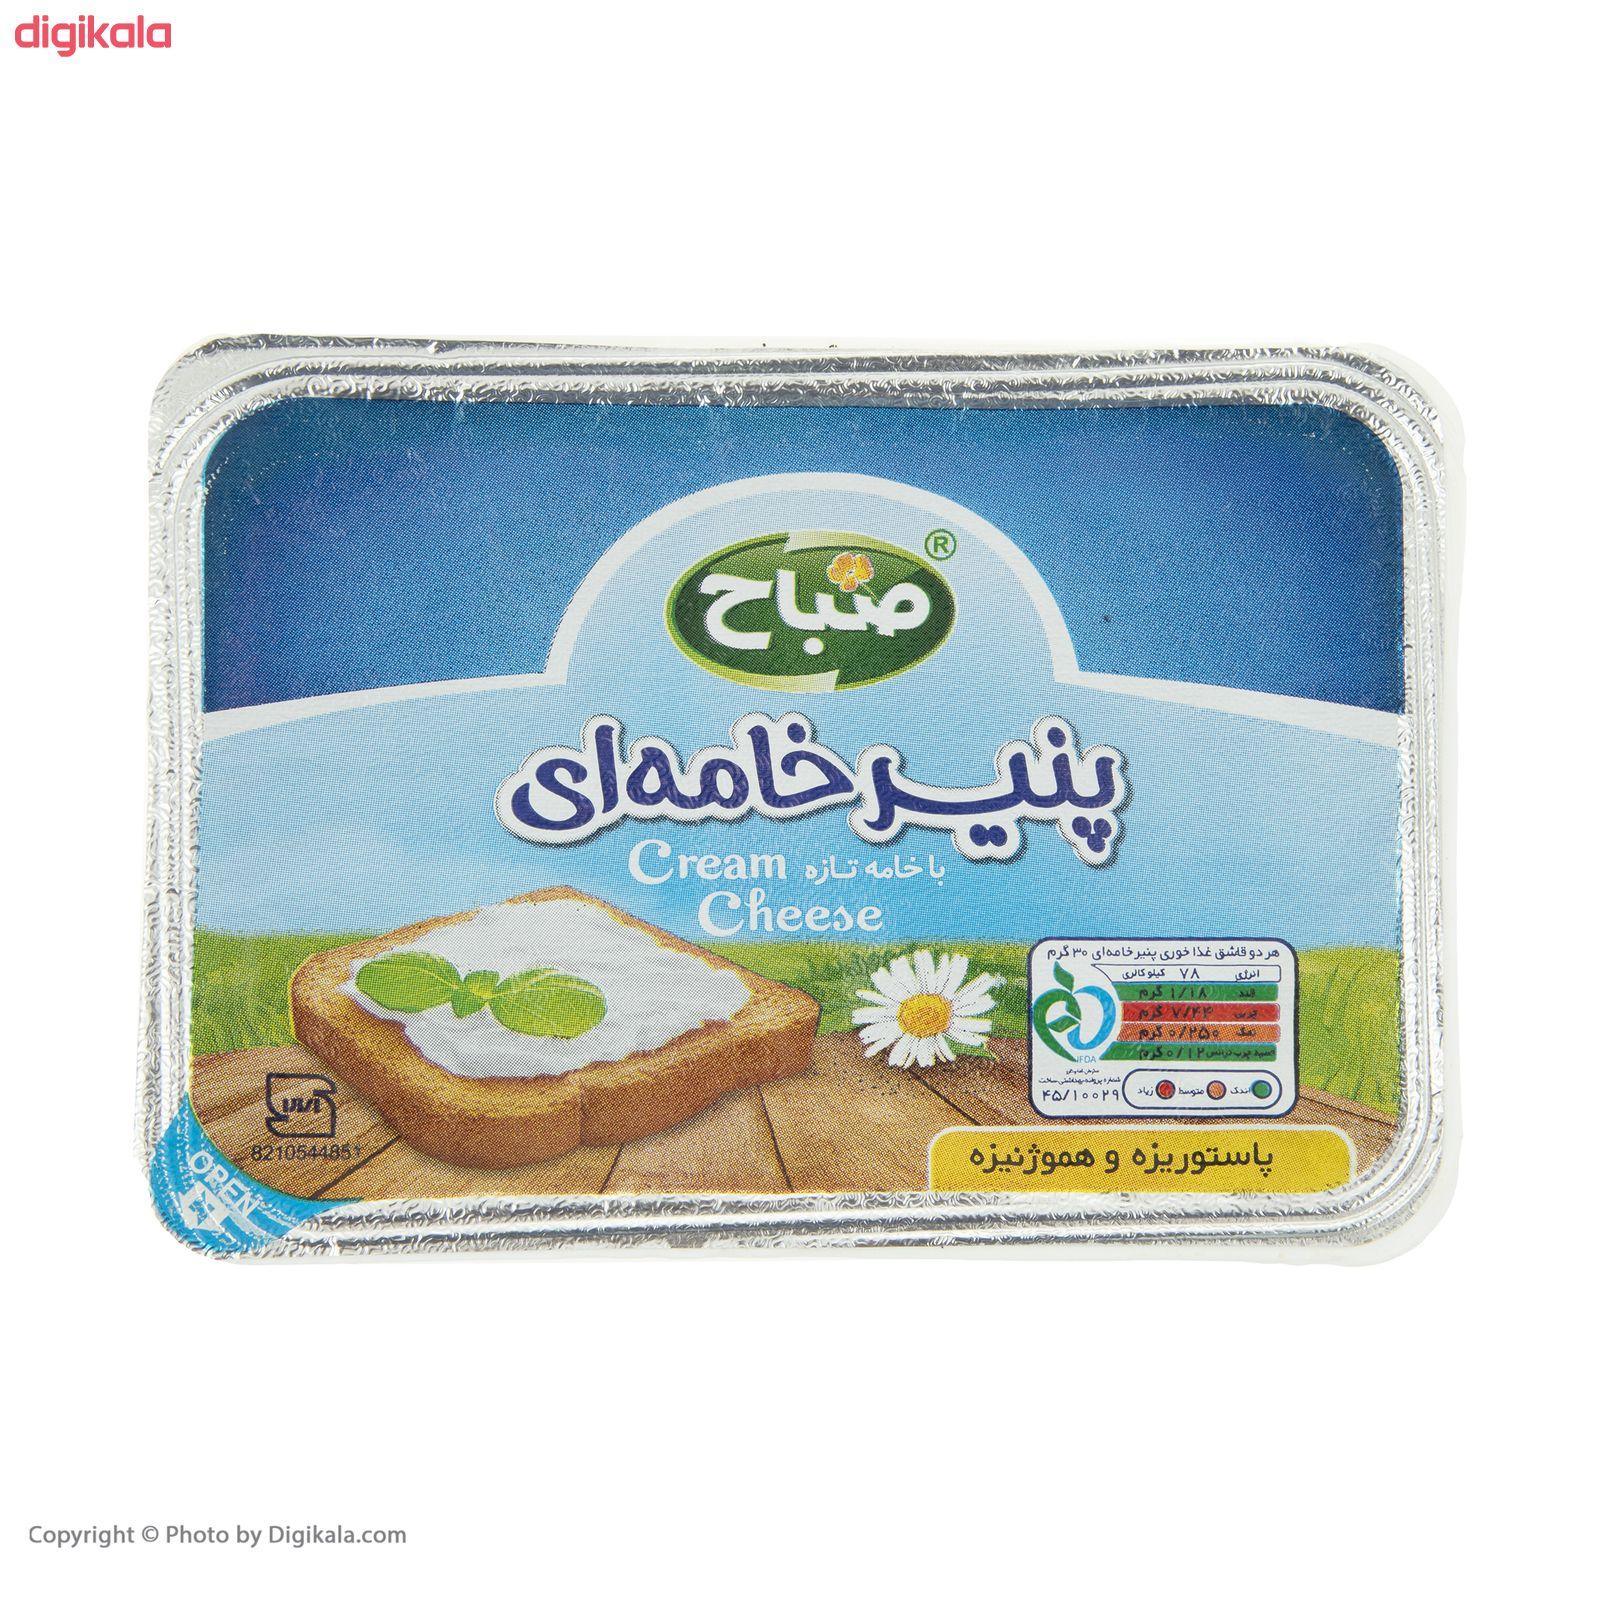 پنیر خامه ای صباح - 270 گرم  main 1 2